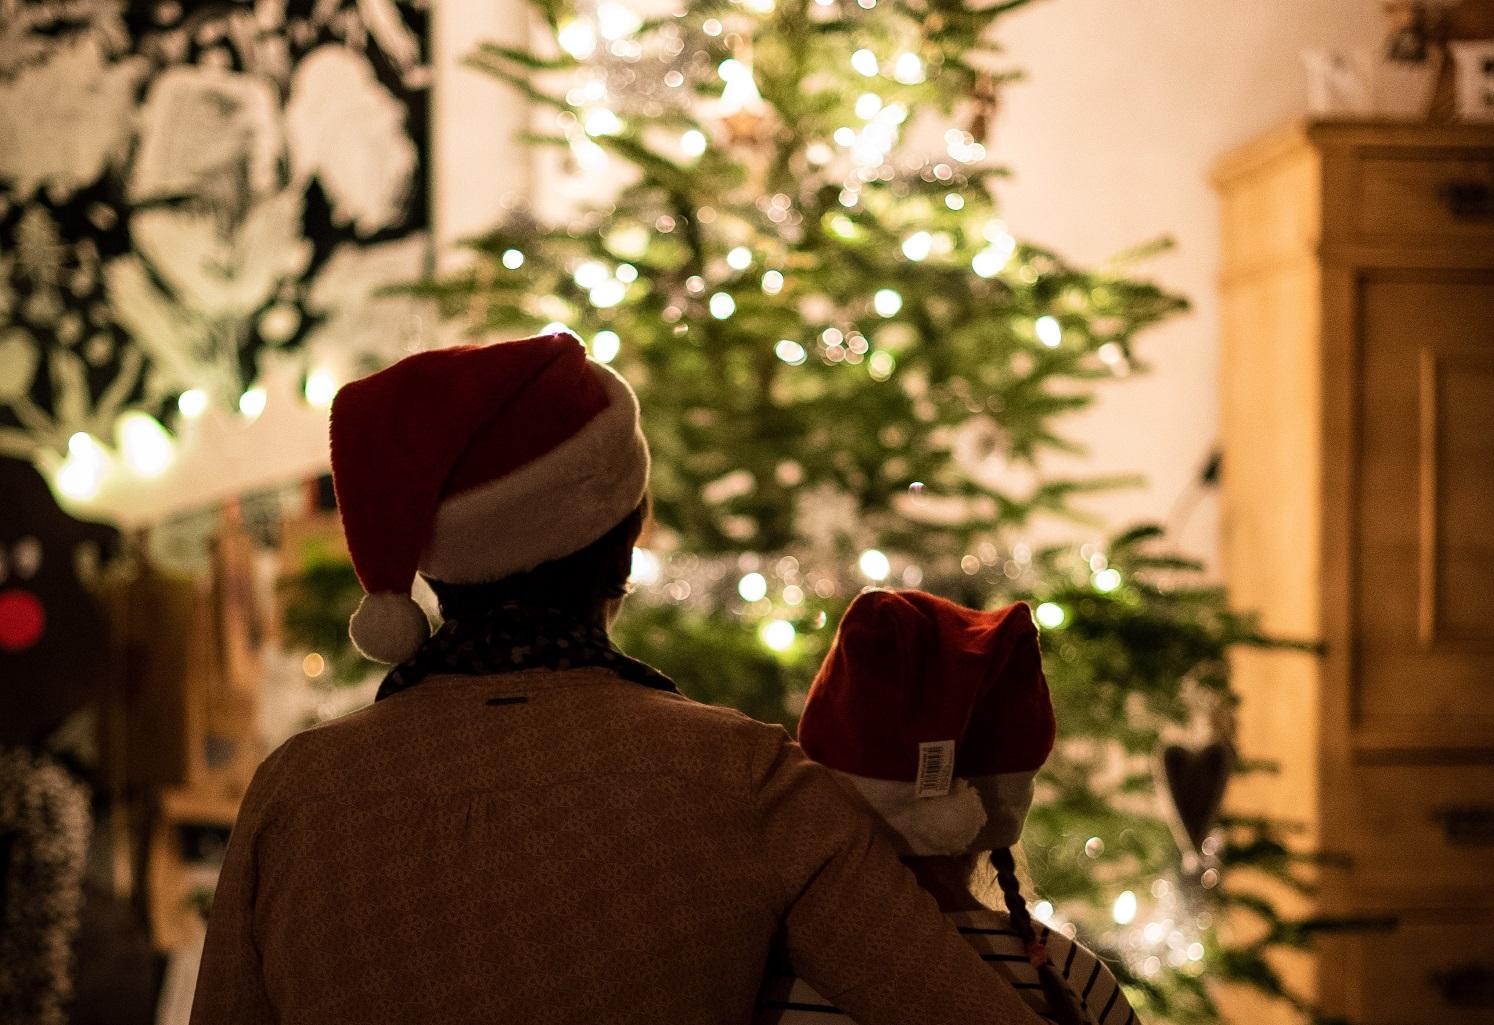 Virtualios Kalėdos: 3 patarimai kaip padėti pasiruošti savo seneliams